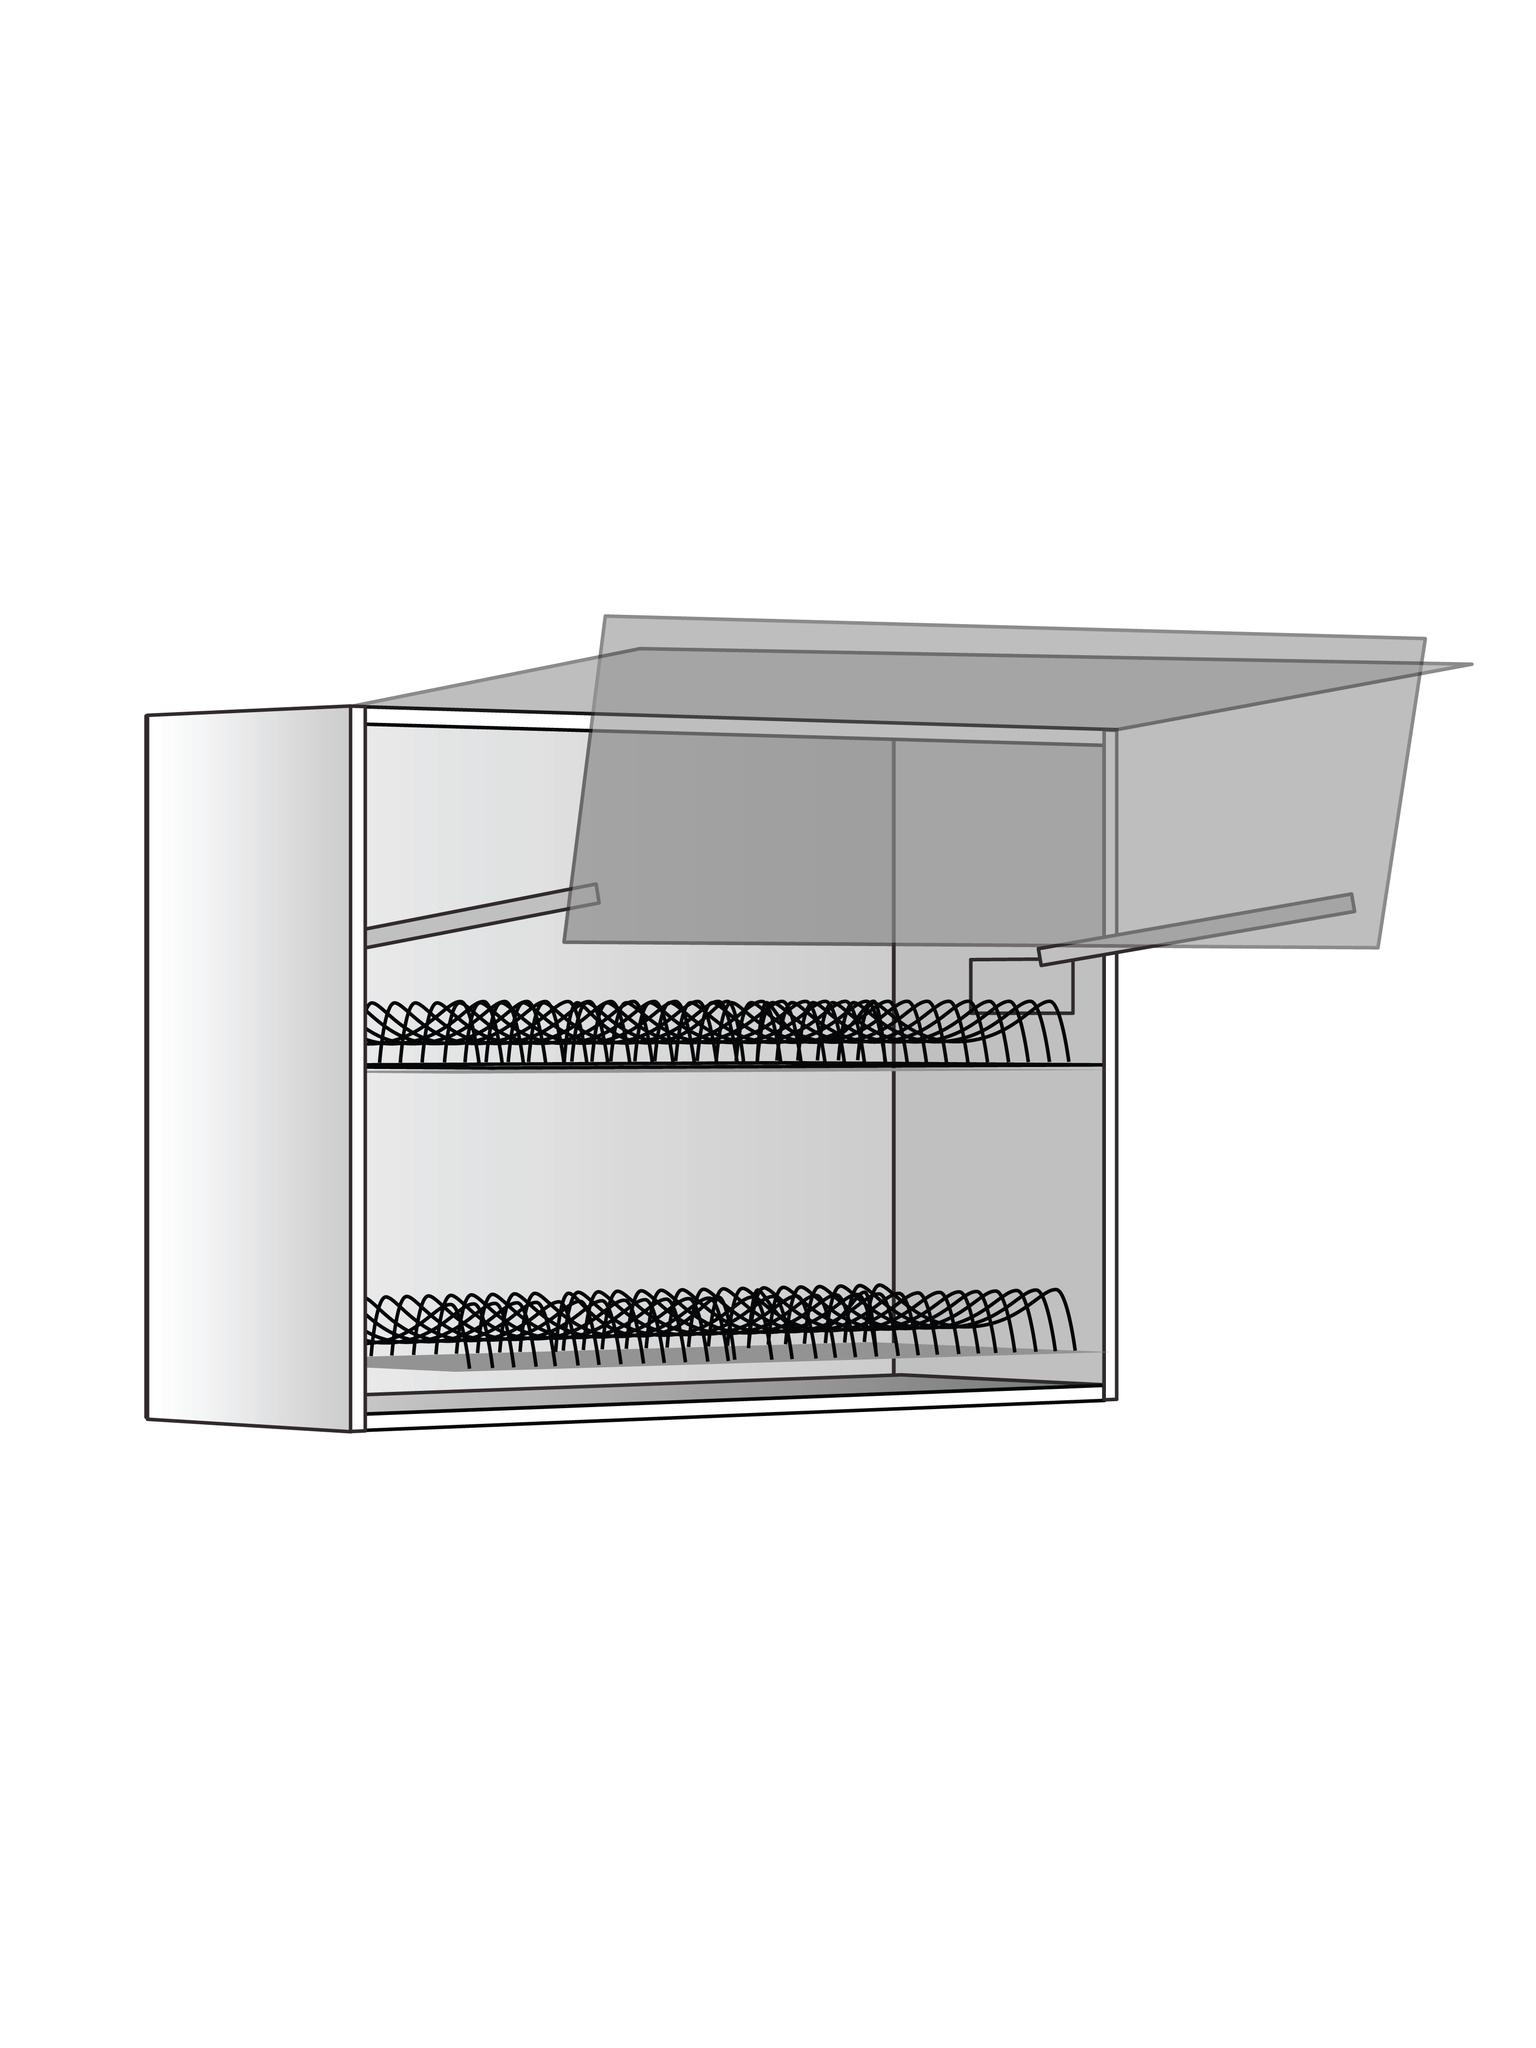 Верхний шкаф c сушилкой и подъемником, 600х800 мм